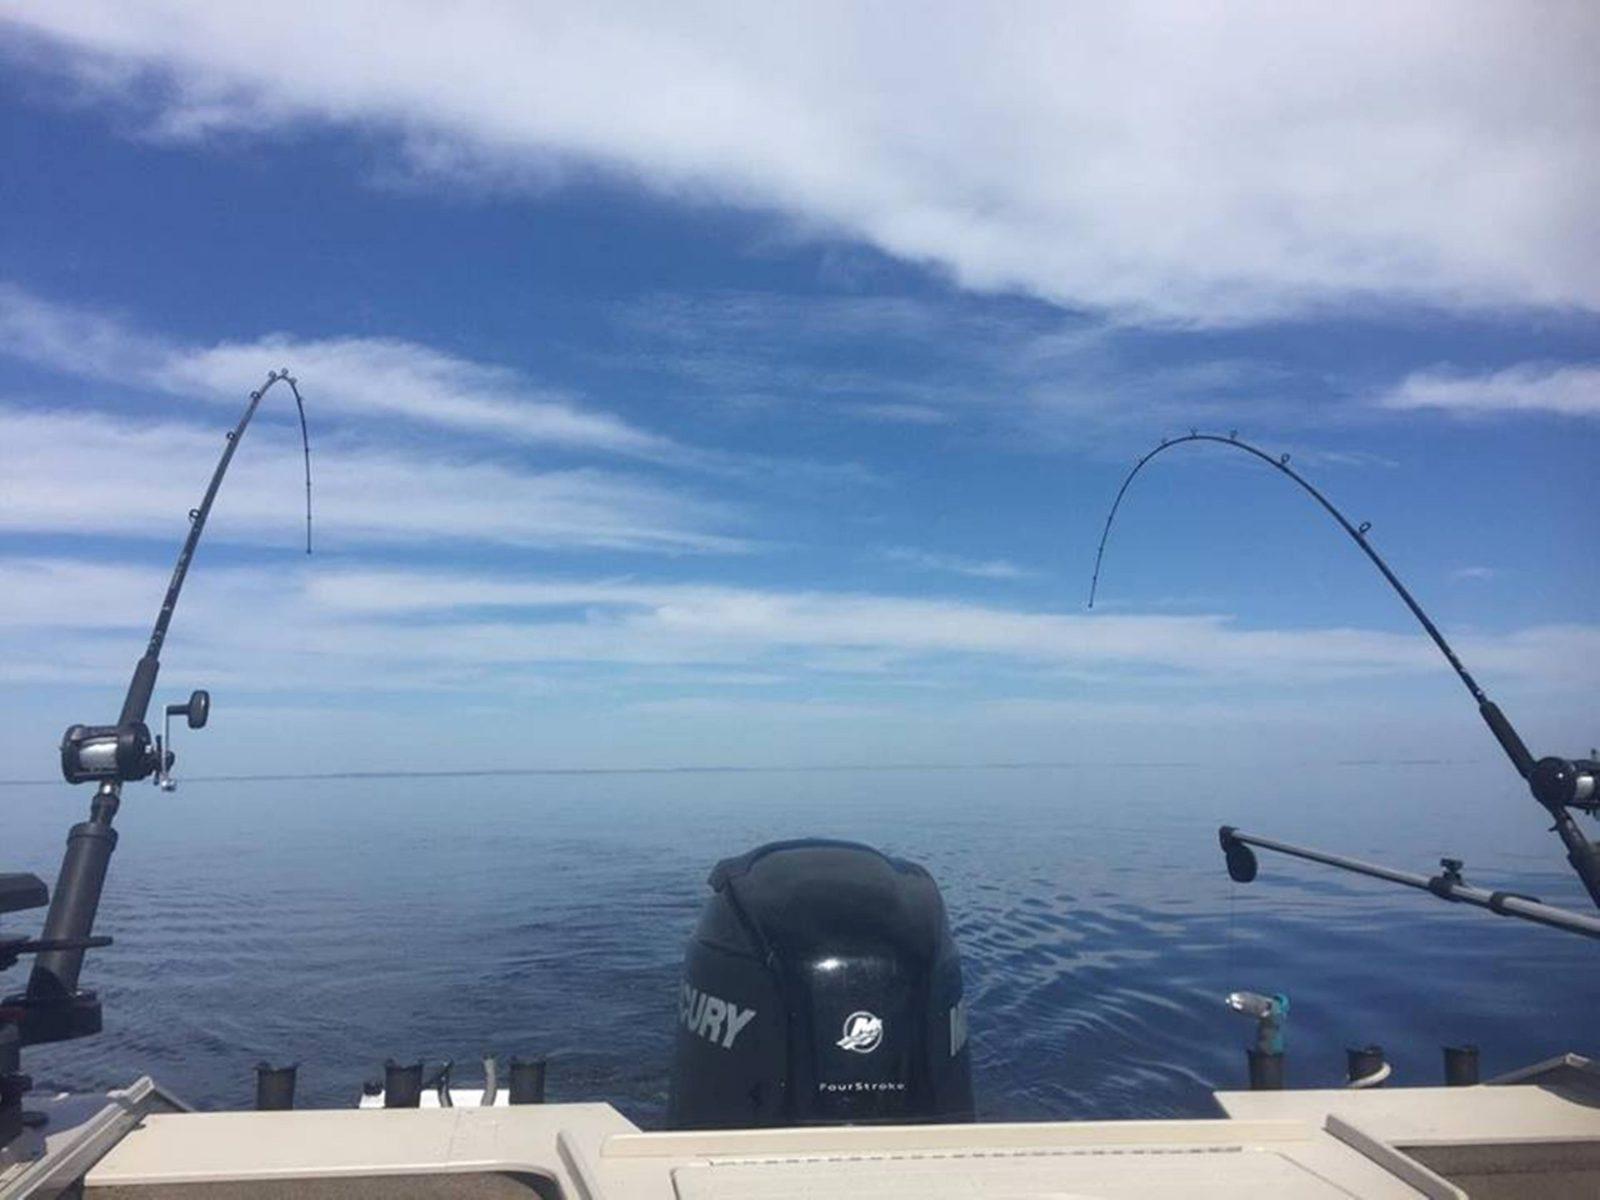 Pêche sportive dans la région : Difficile d'évaluer l'impact qu'aura la pandémie